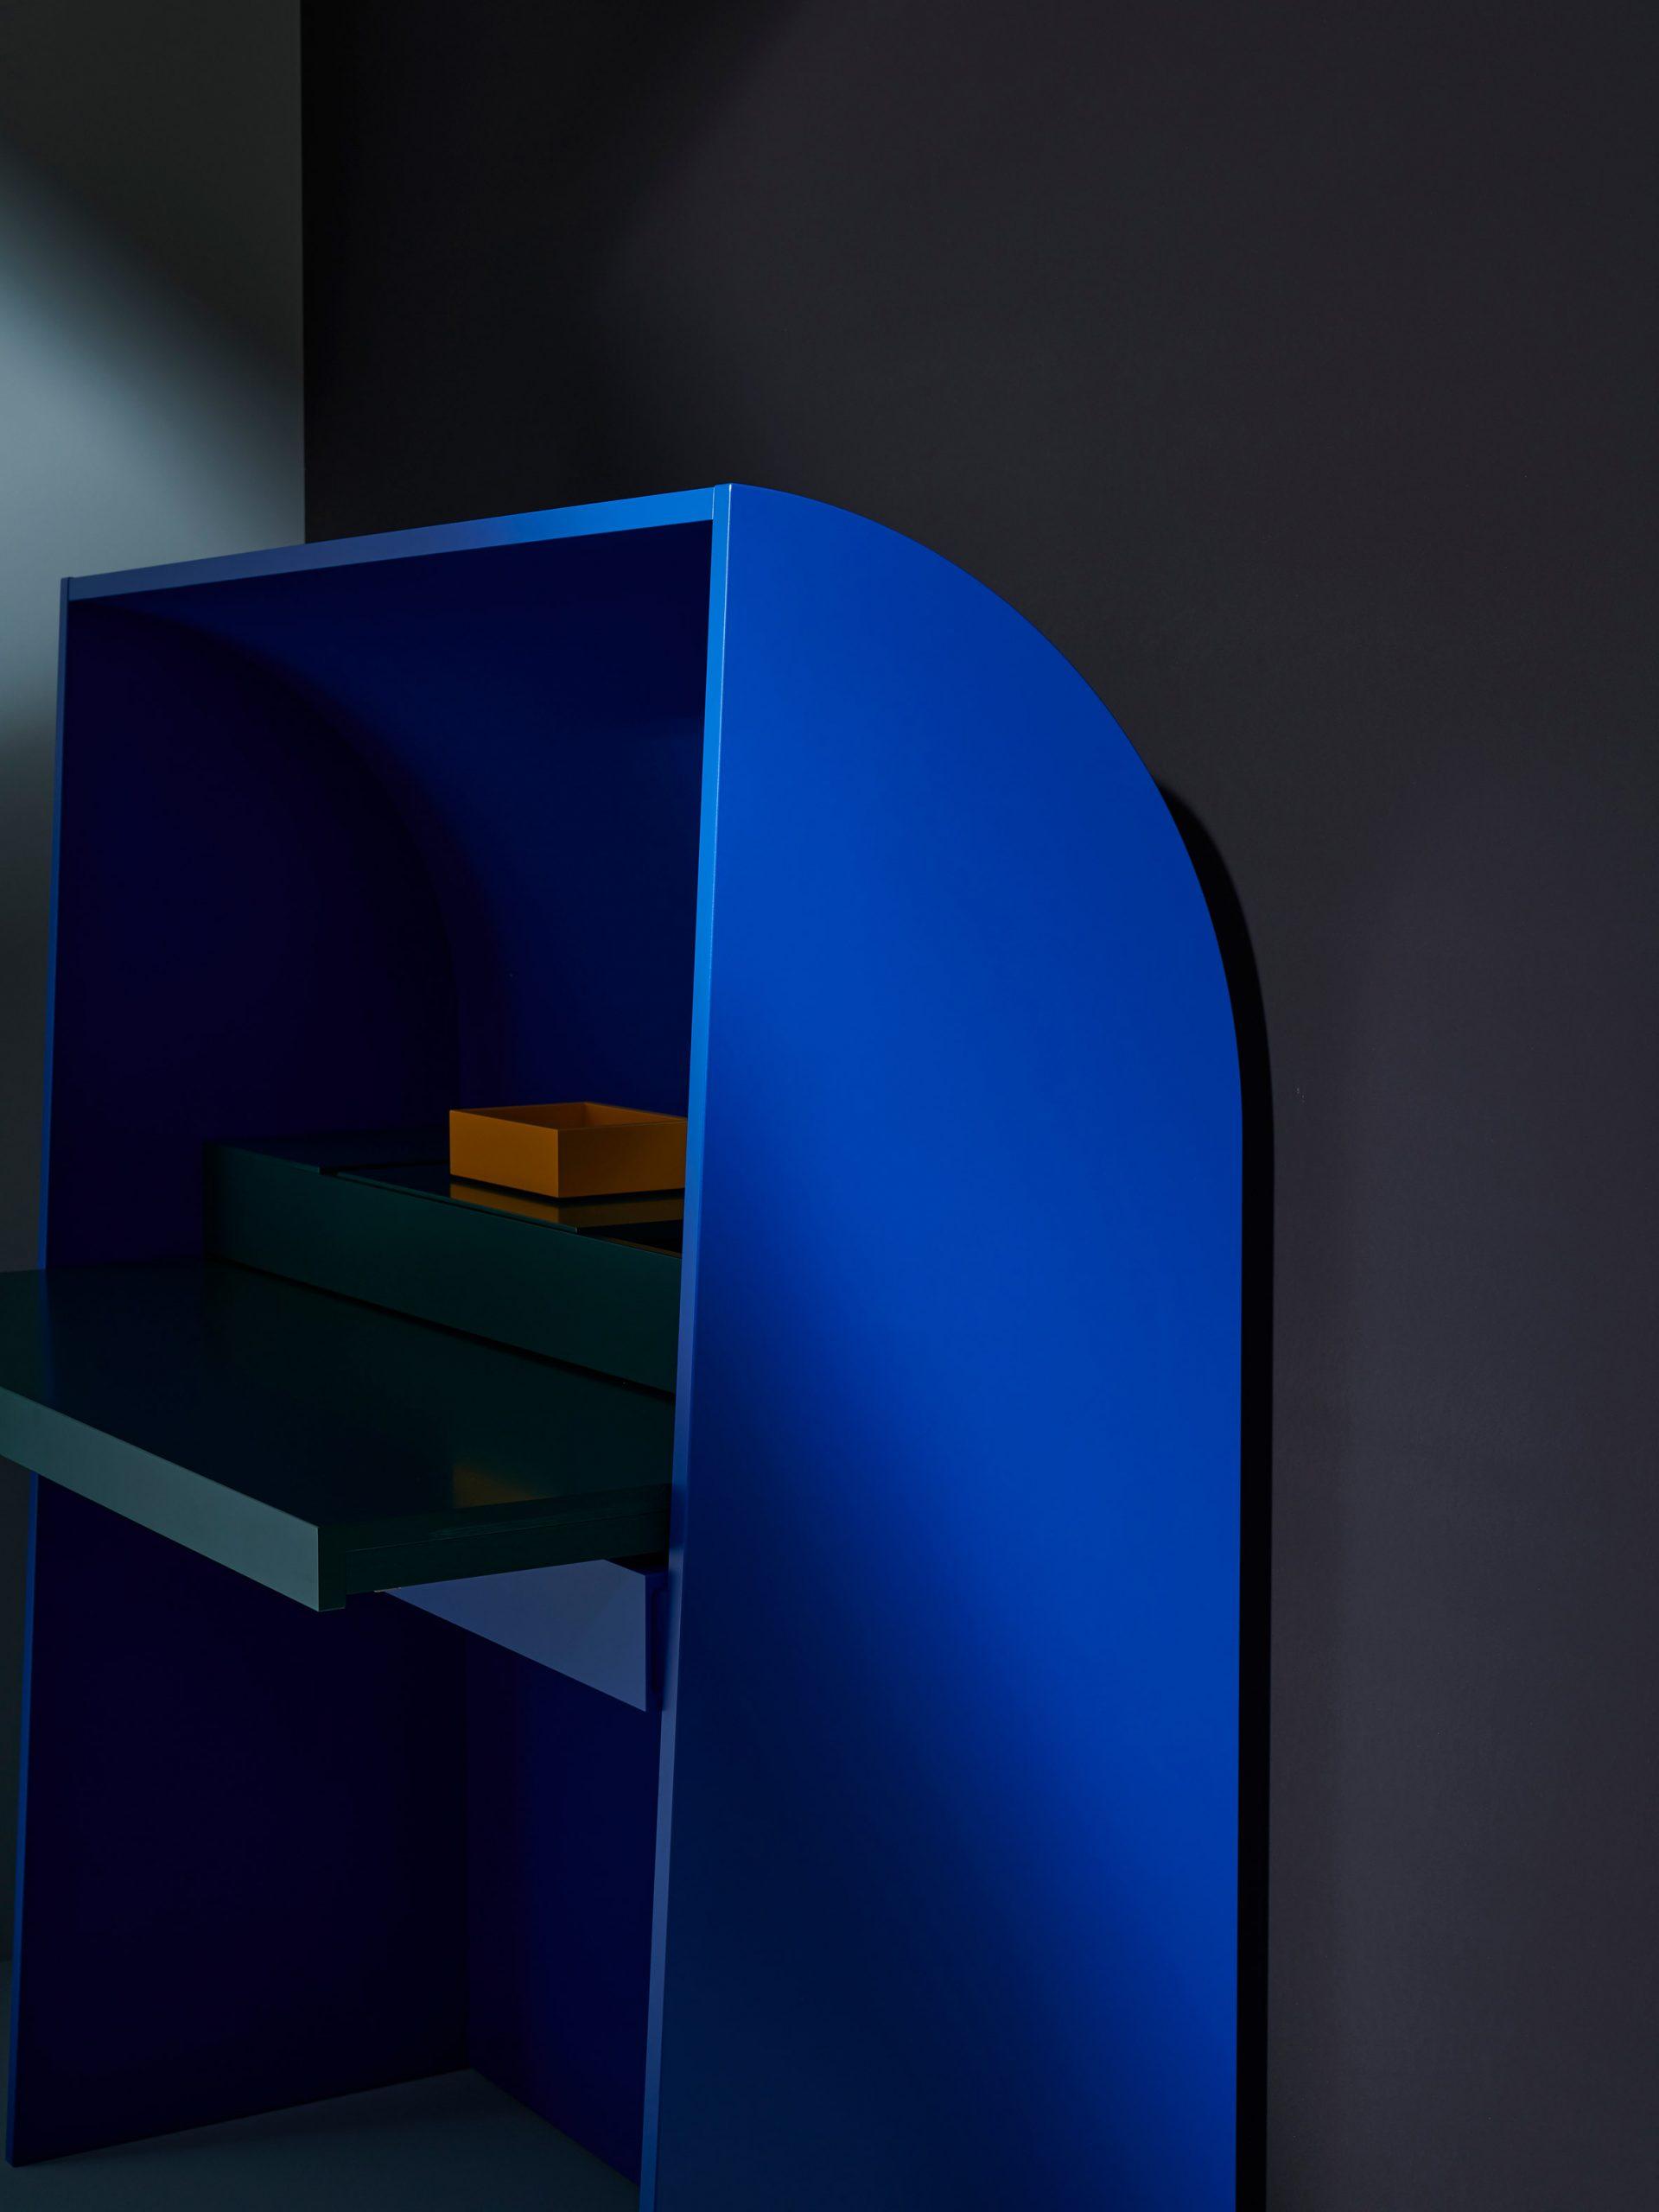 Akira bureau by Mathias Hahn for Schonbuch